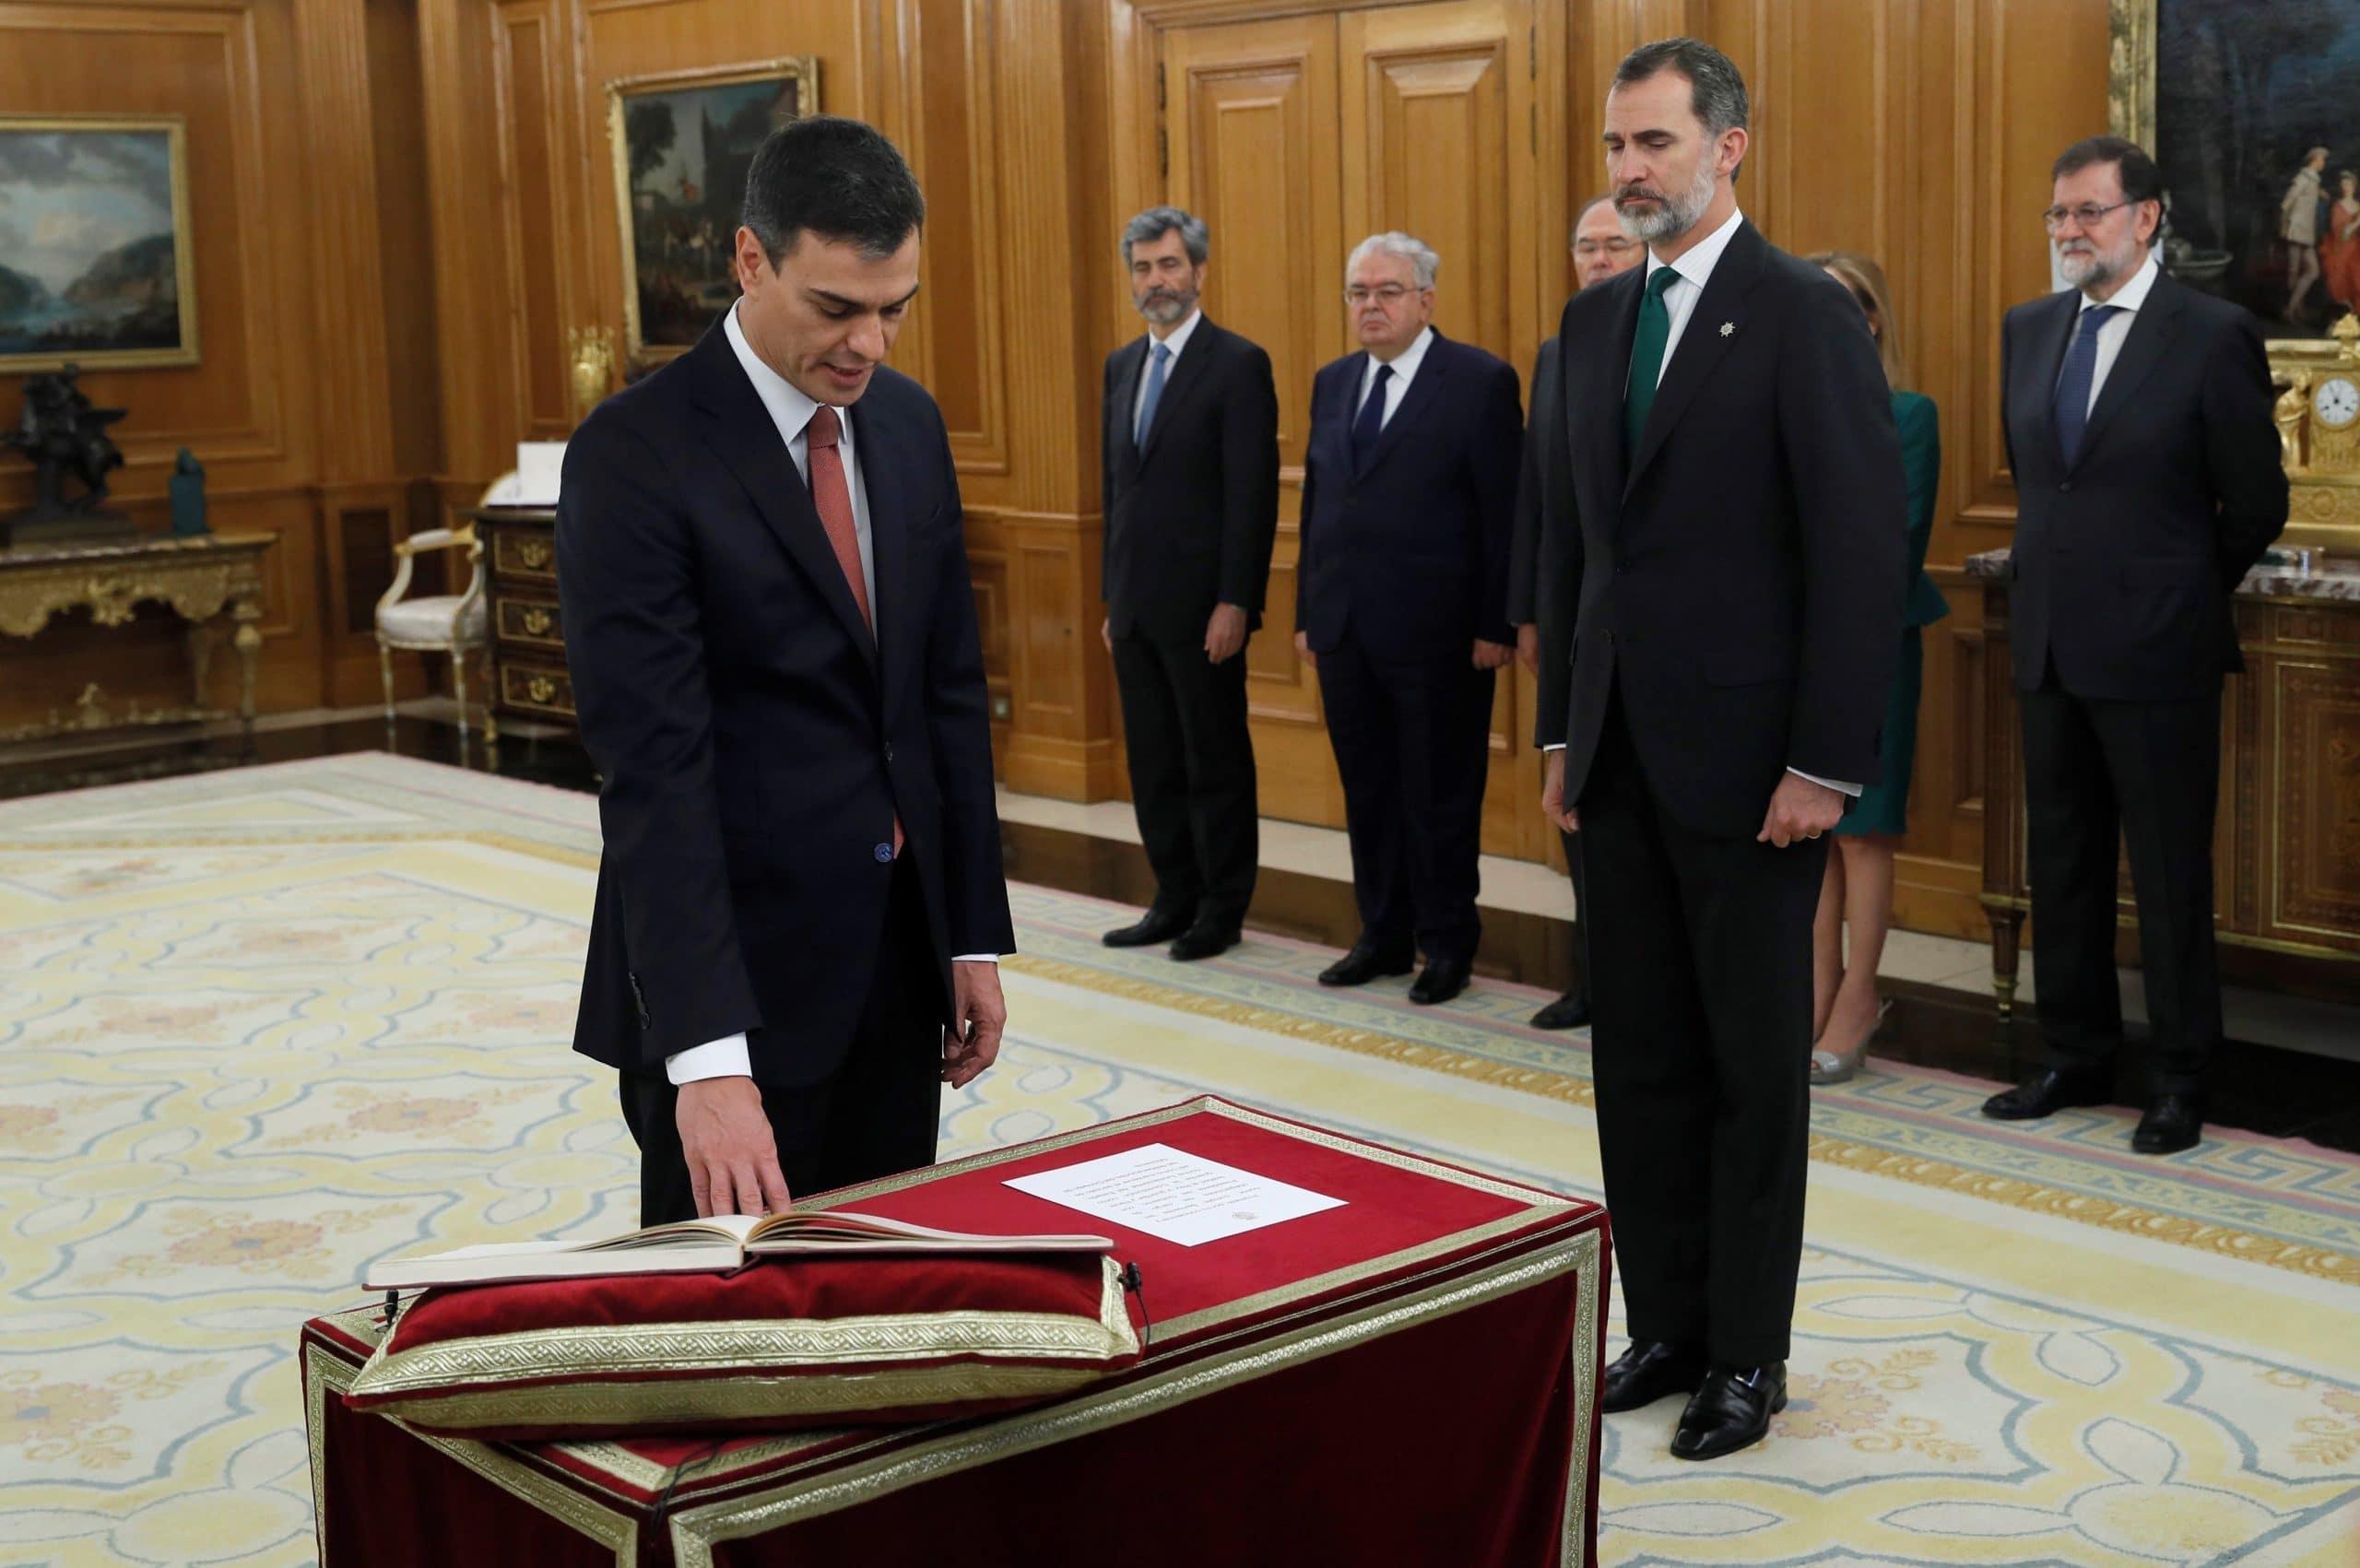 España es un Estado Laico